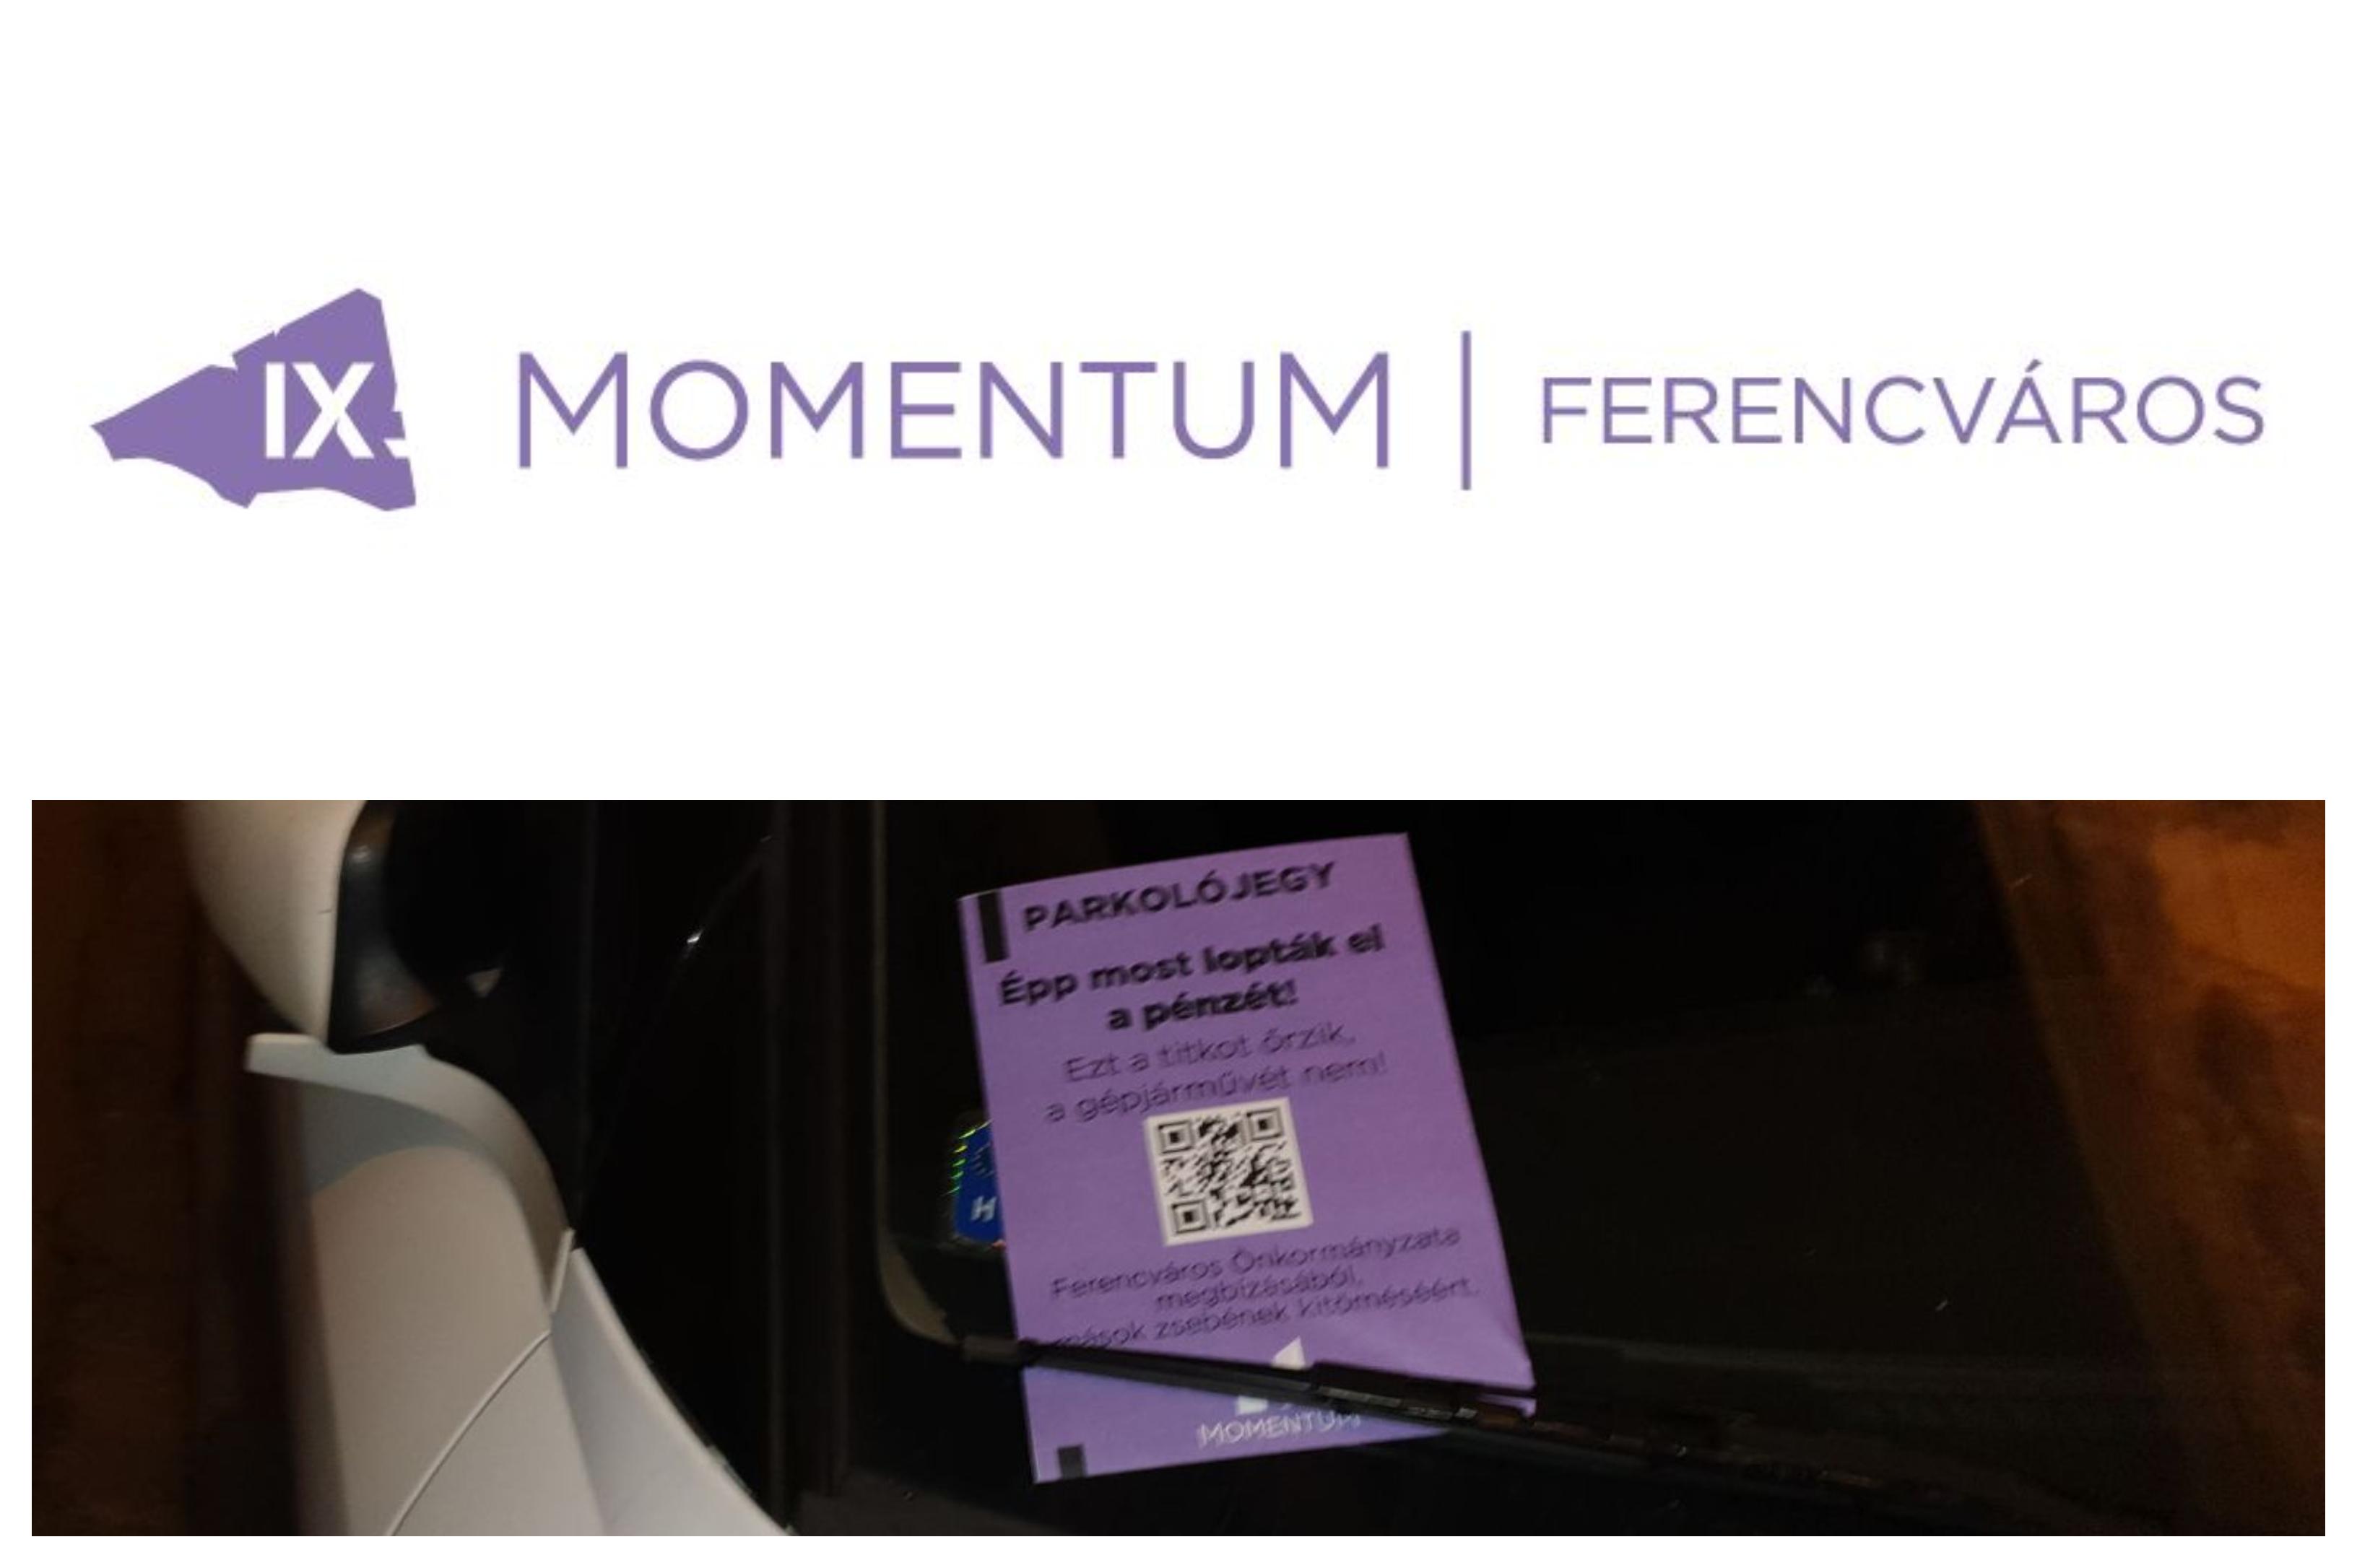 A Momentum elnöksége kezdeményezi a ferencvárosi alapszervezet vezetésének leváltását